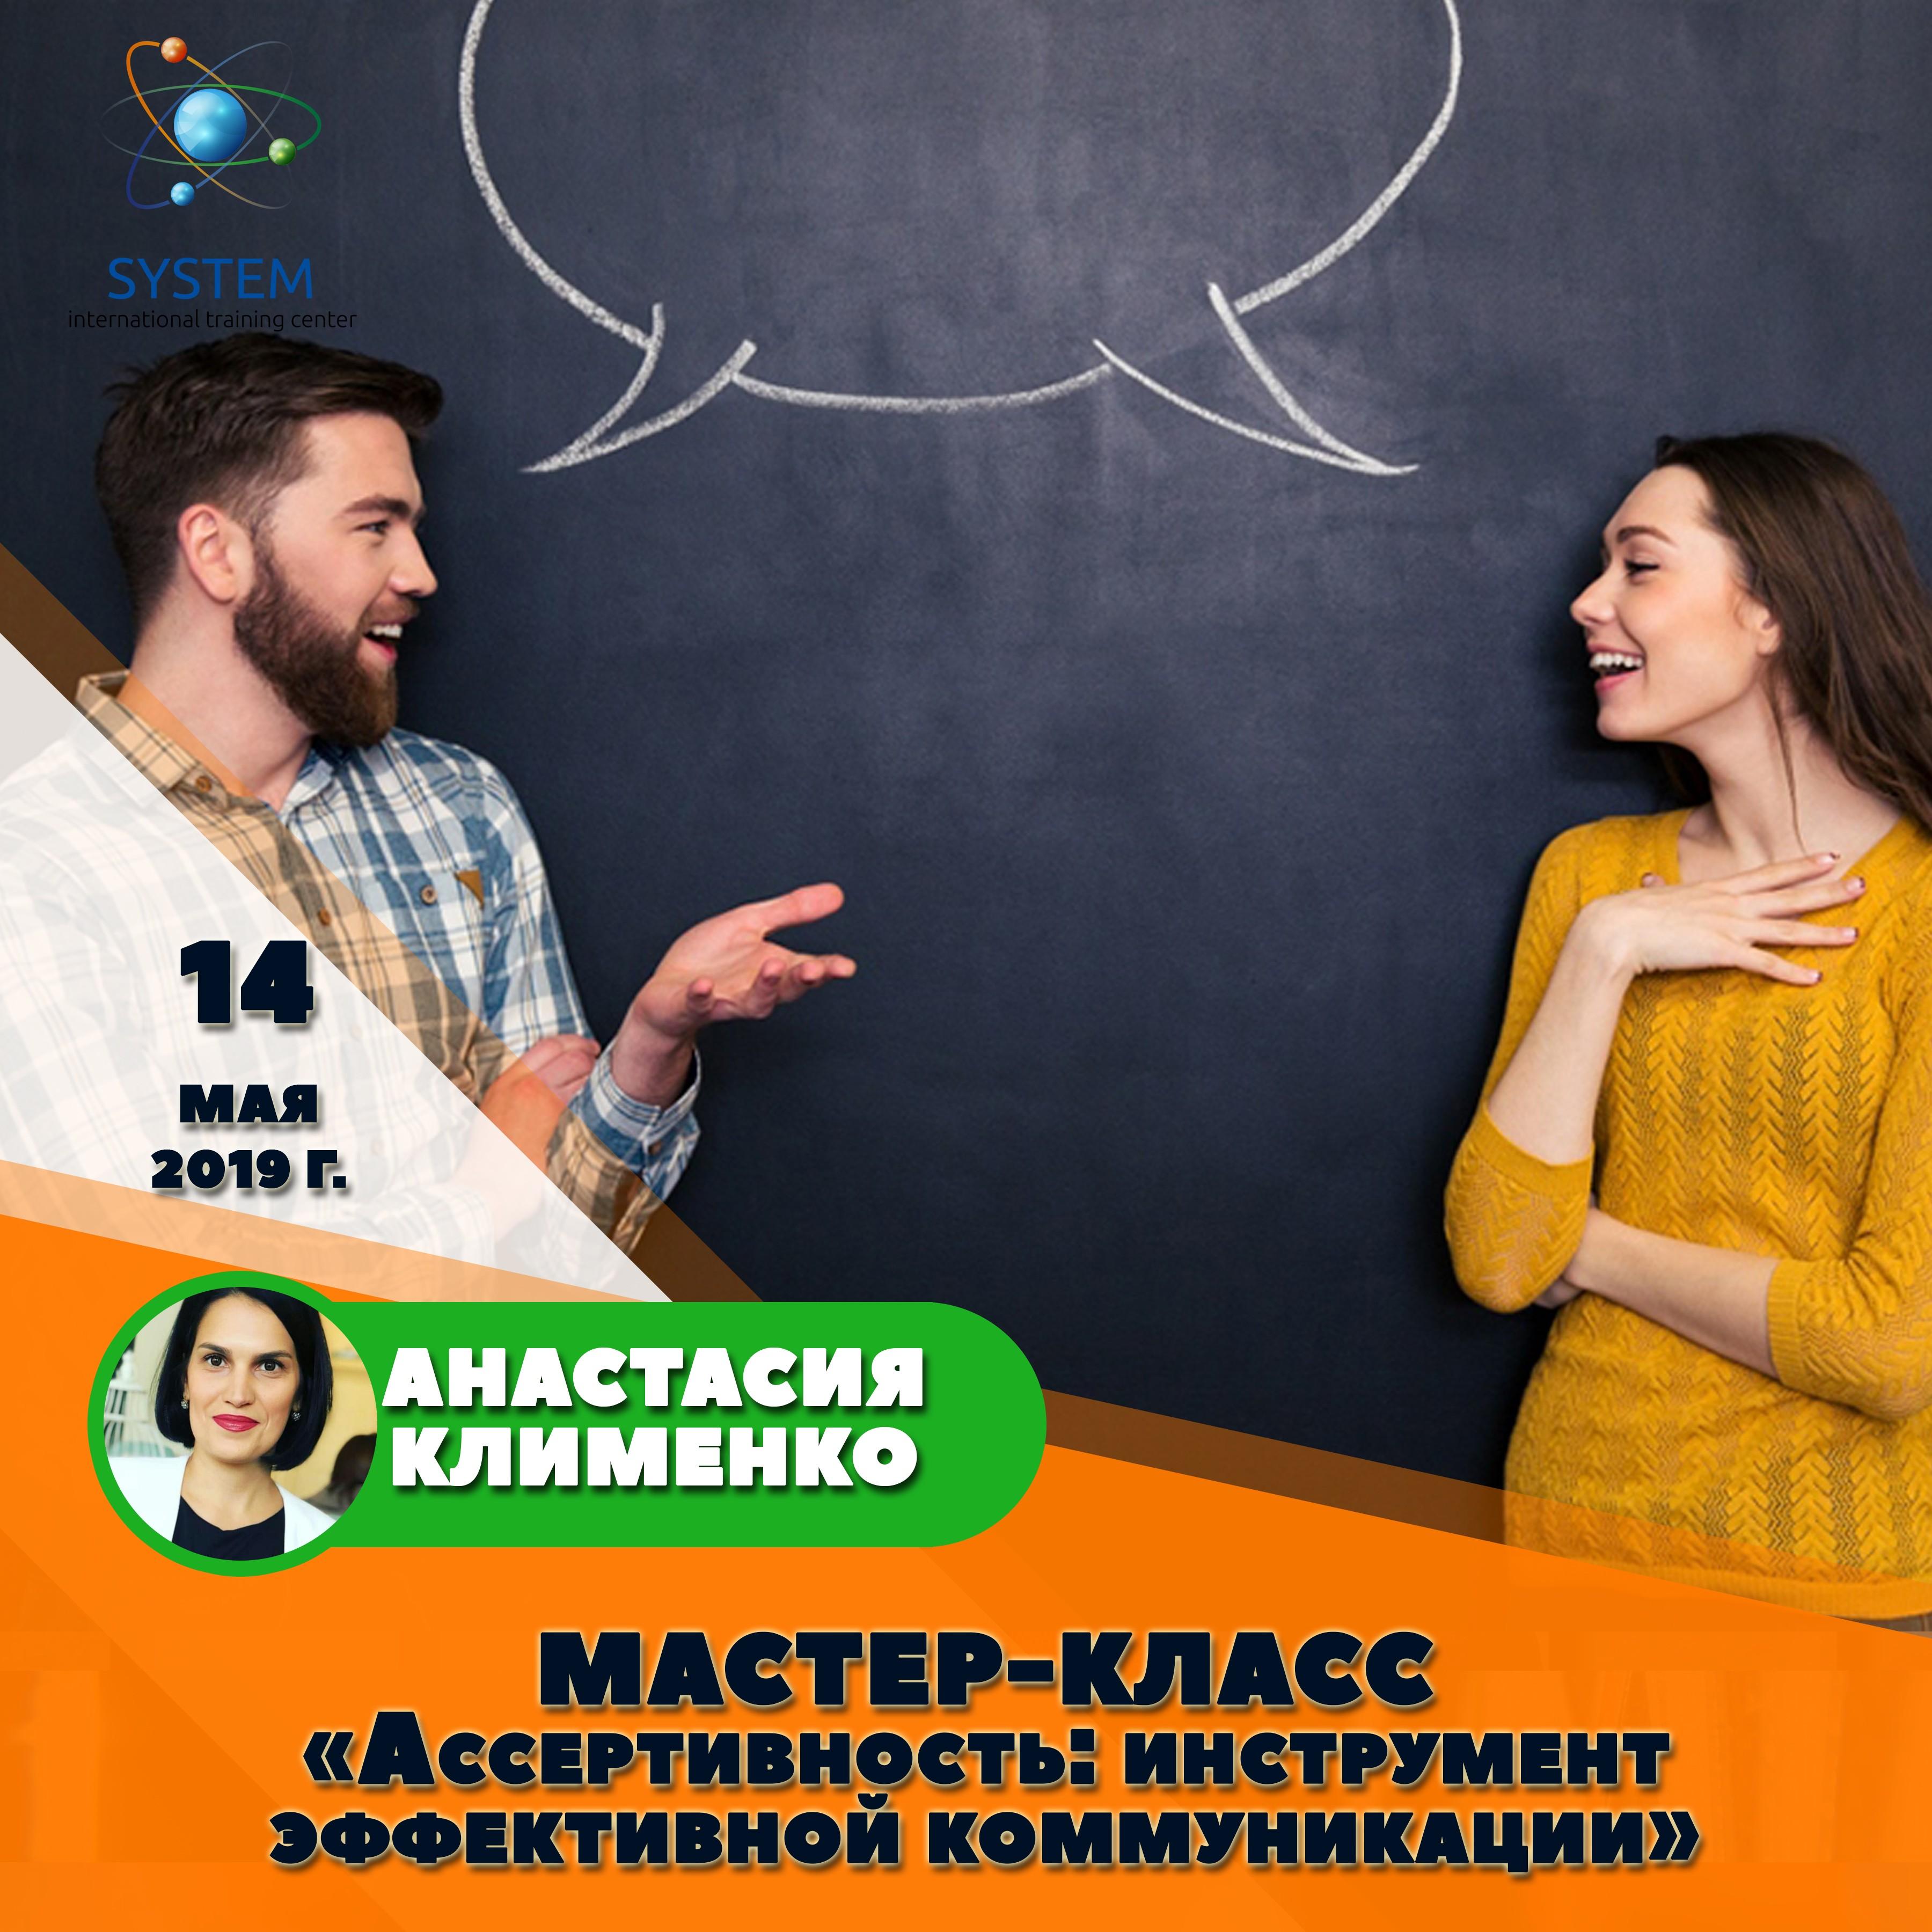 Мастер-класс «Ассертивность: инструмент эффективной коммуникации» @ Владивосток, ул. Жигура, 26а, БЦ «Seven», ауд. 2-7, зал «System ITC»